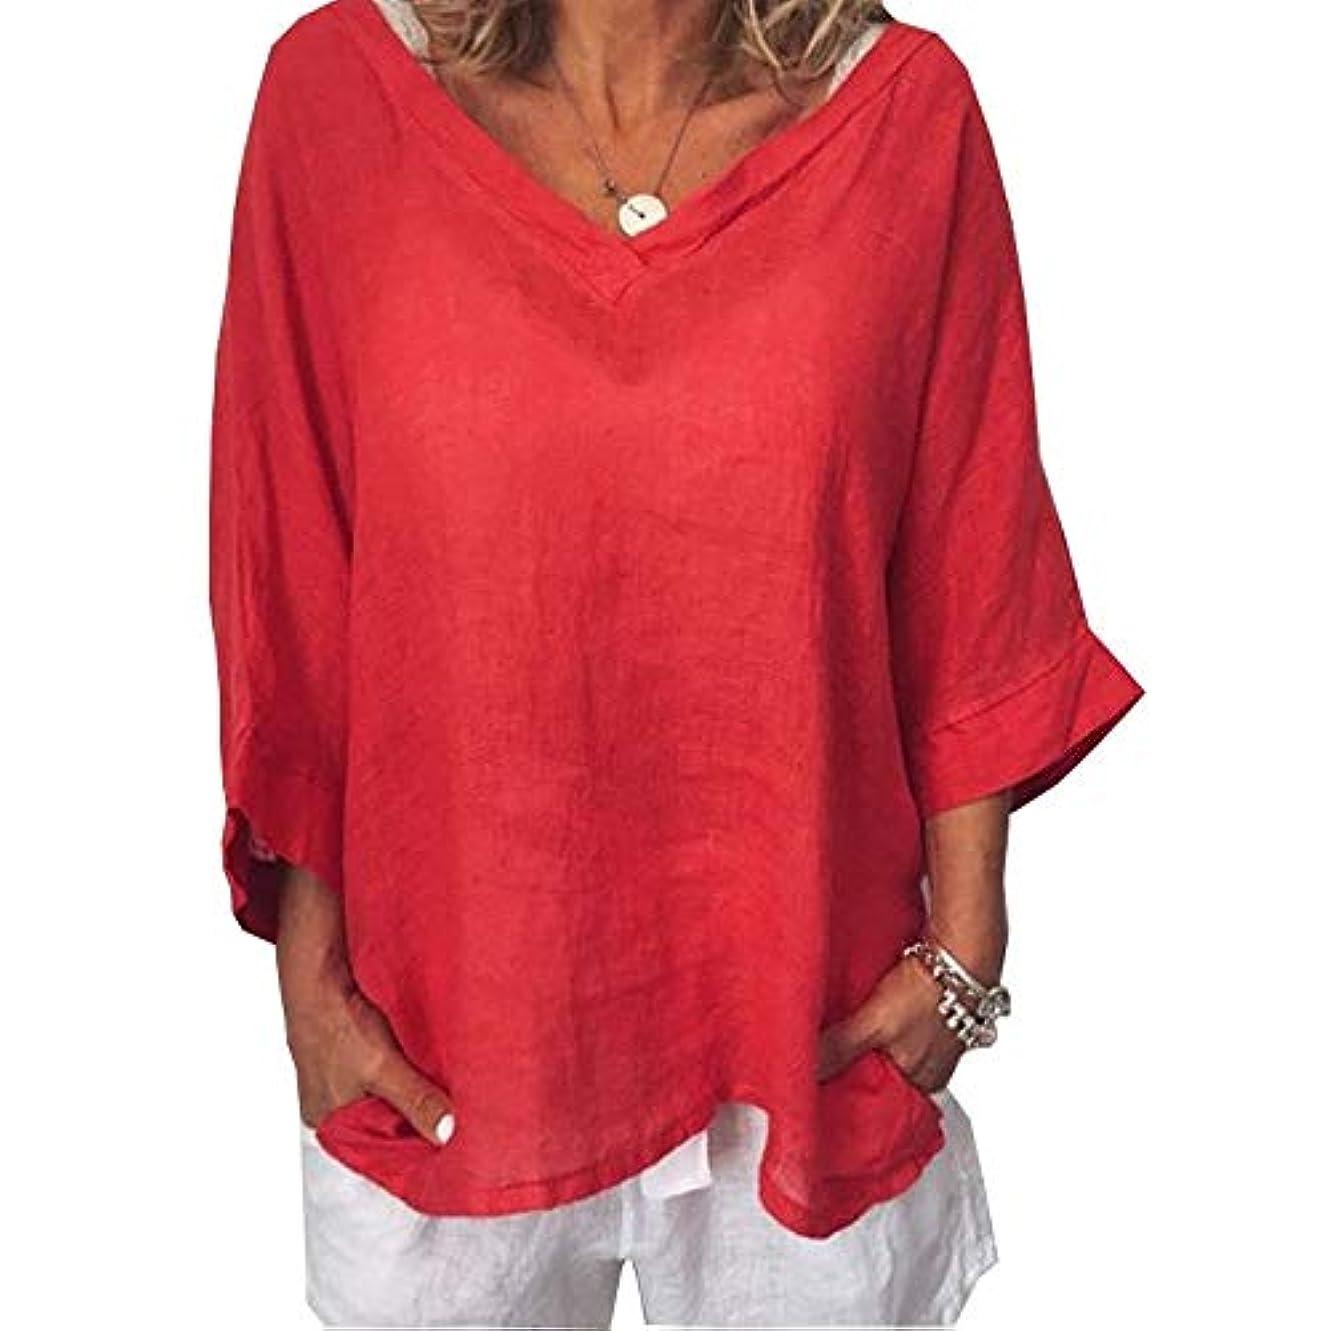 かんがい真っ逆さまストライドMIFAN女性ファッションカジュアルVネックトップス無地長袖Tシャツルーズボヘミアンビーチウェア